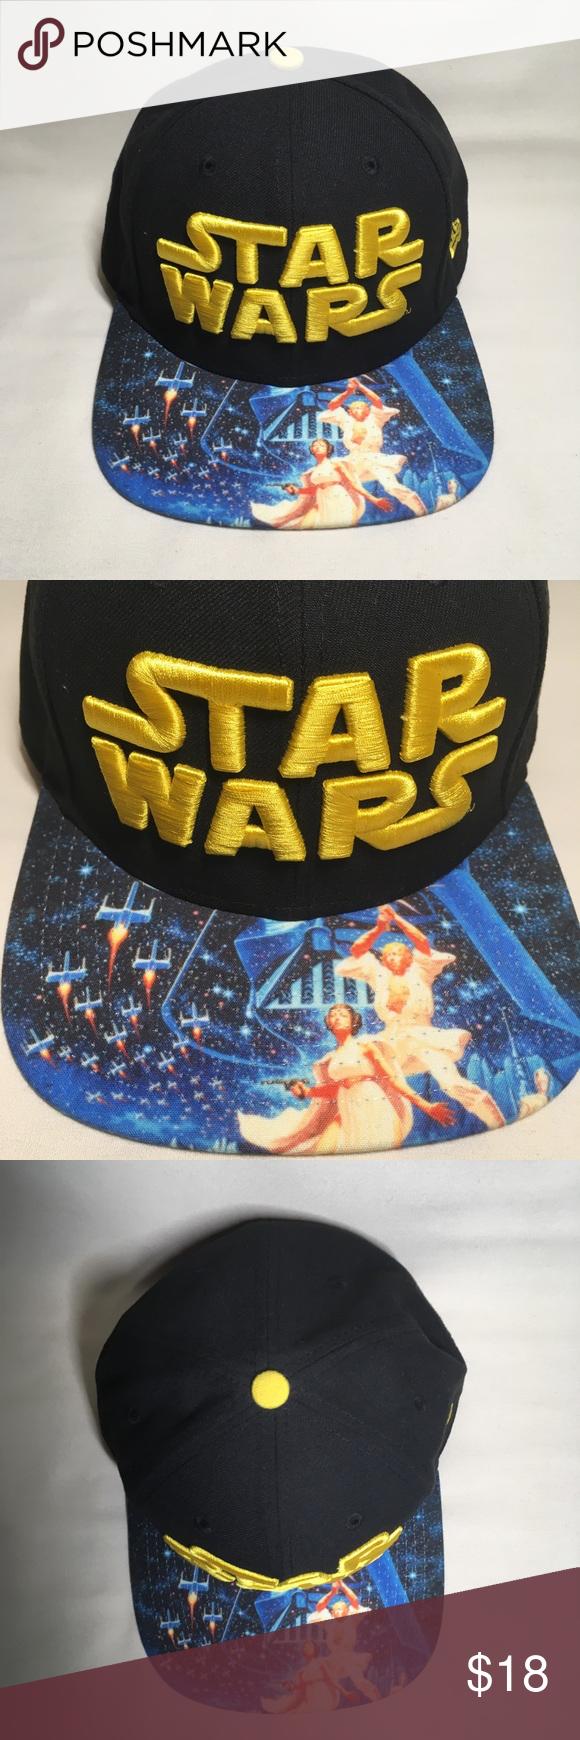 4cdb18be4c3d2 Star Wars Viza Print snapback hat New w  tag! Never worn! Star Wars Viza  Print snapback hat by New Erasing New Era Accessories Hats